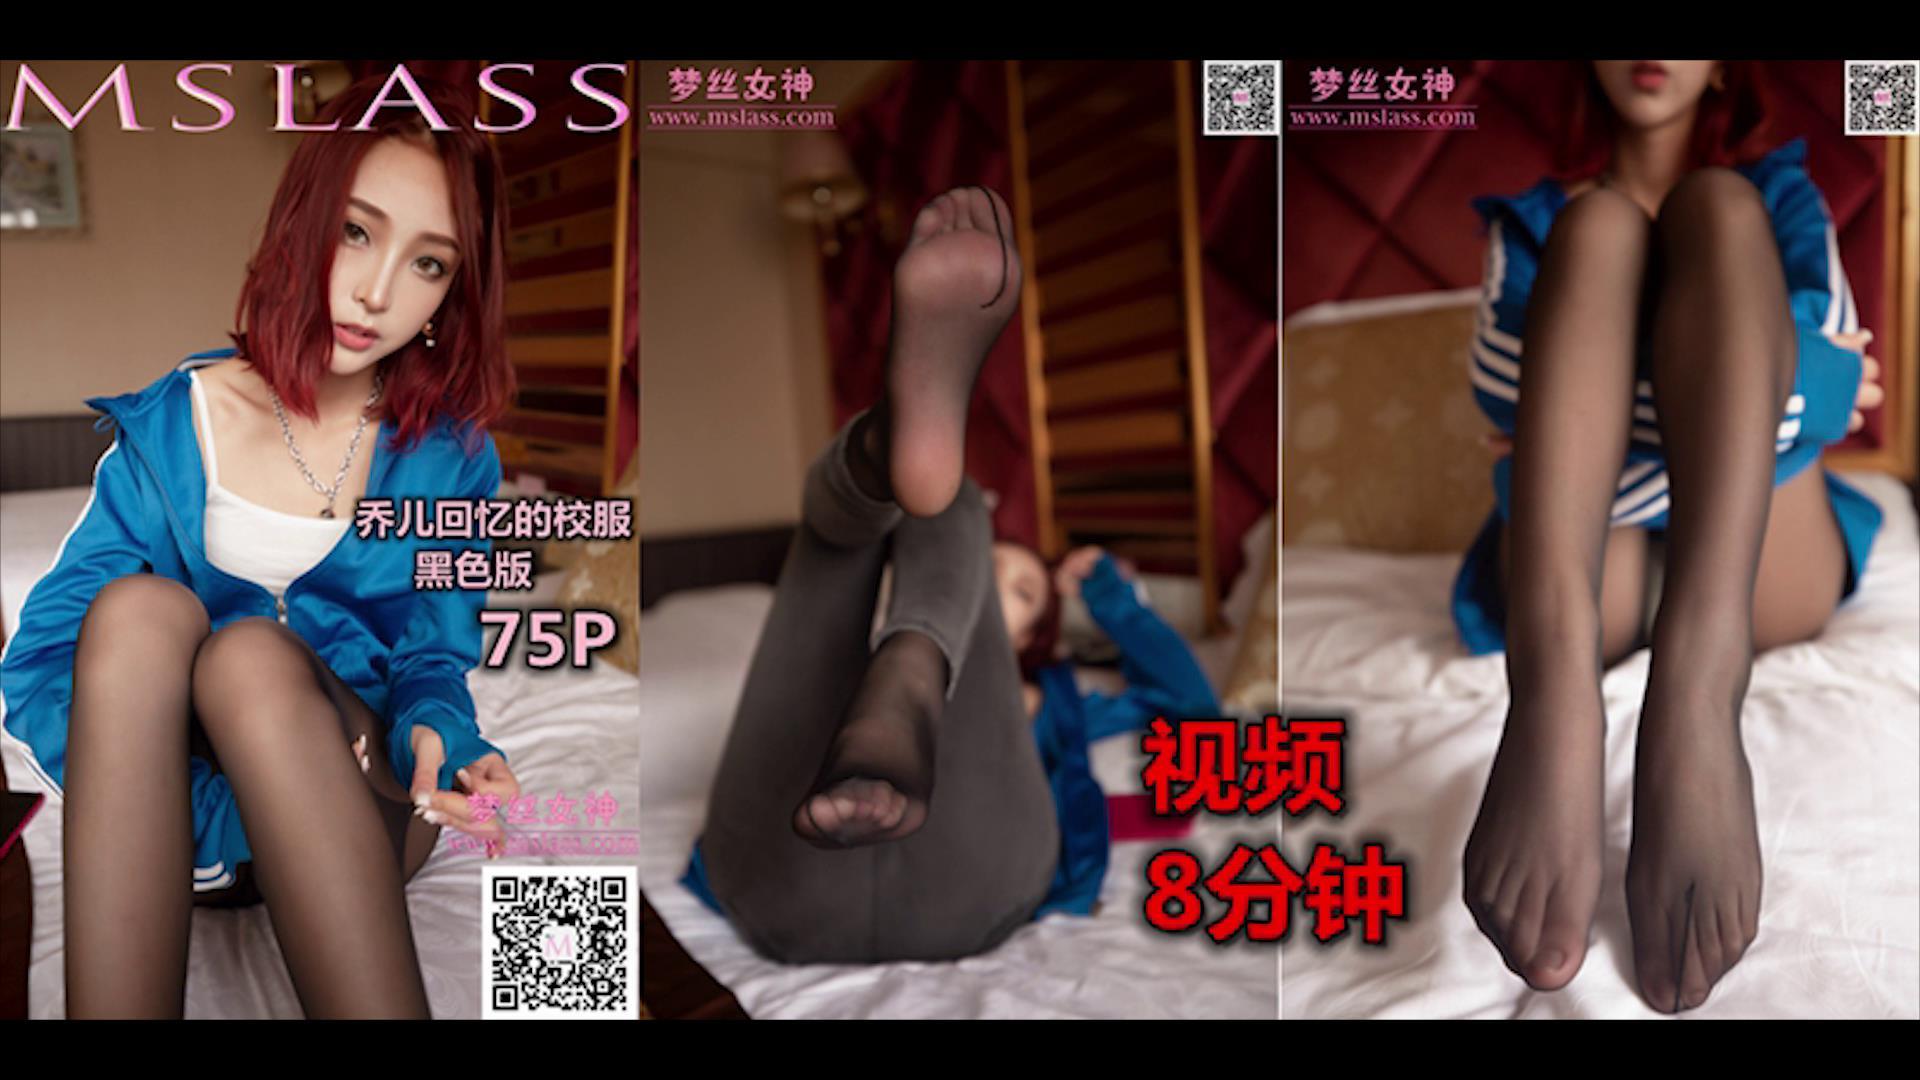 梦丝女神 2019.10.12 VOL.026 乔儿 校服蓝色黑丝版 [1V-626MB] 梦丝女神-第1张